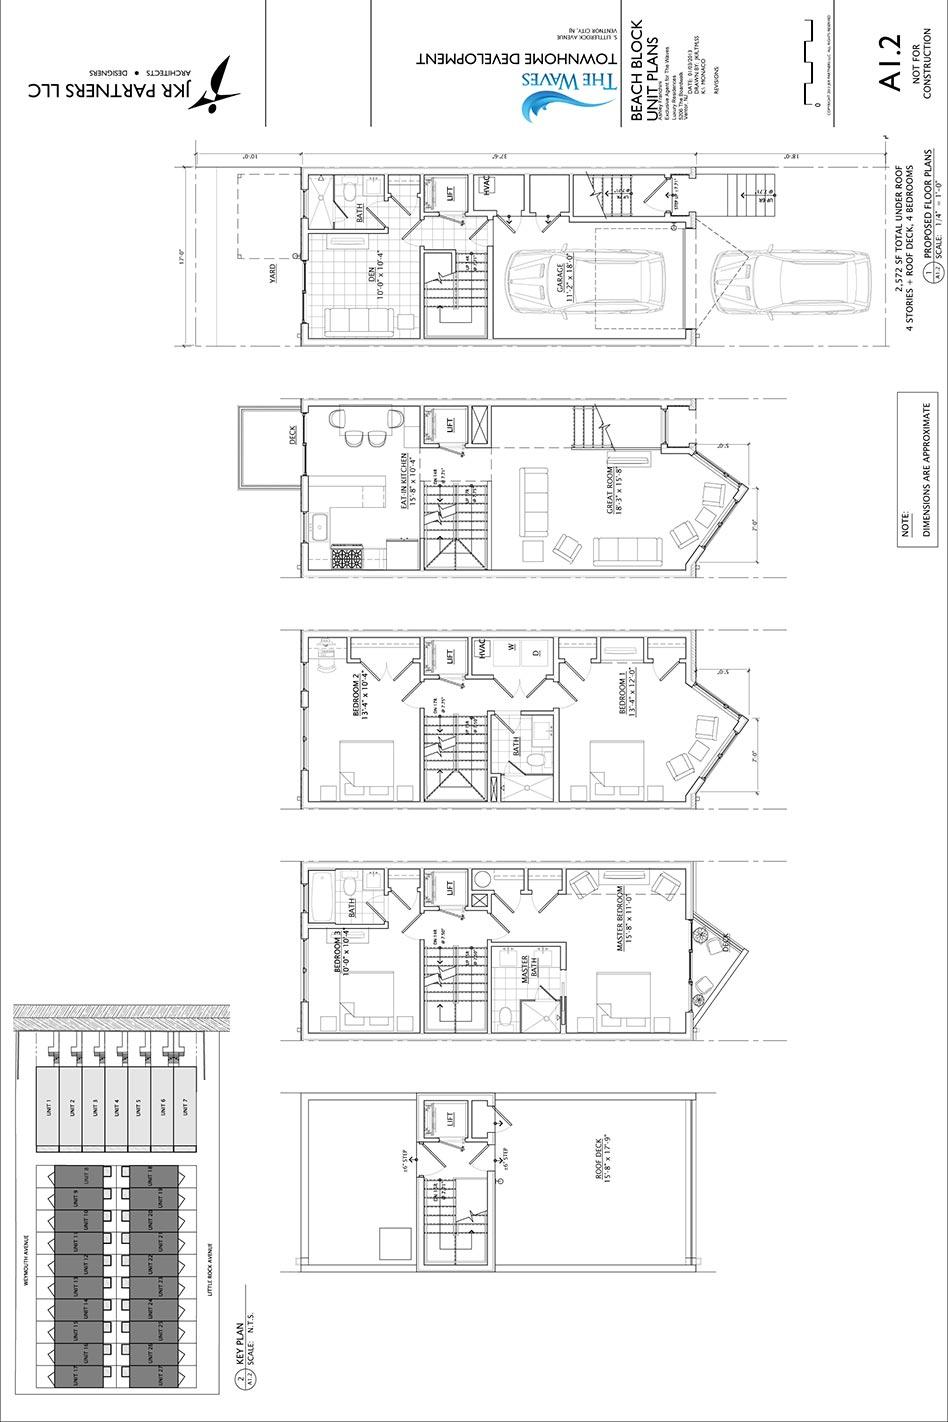 floor plan of levels